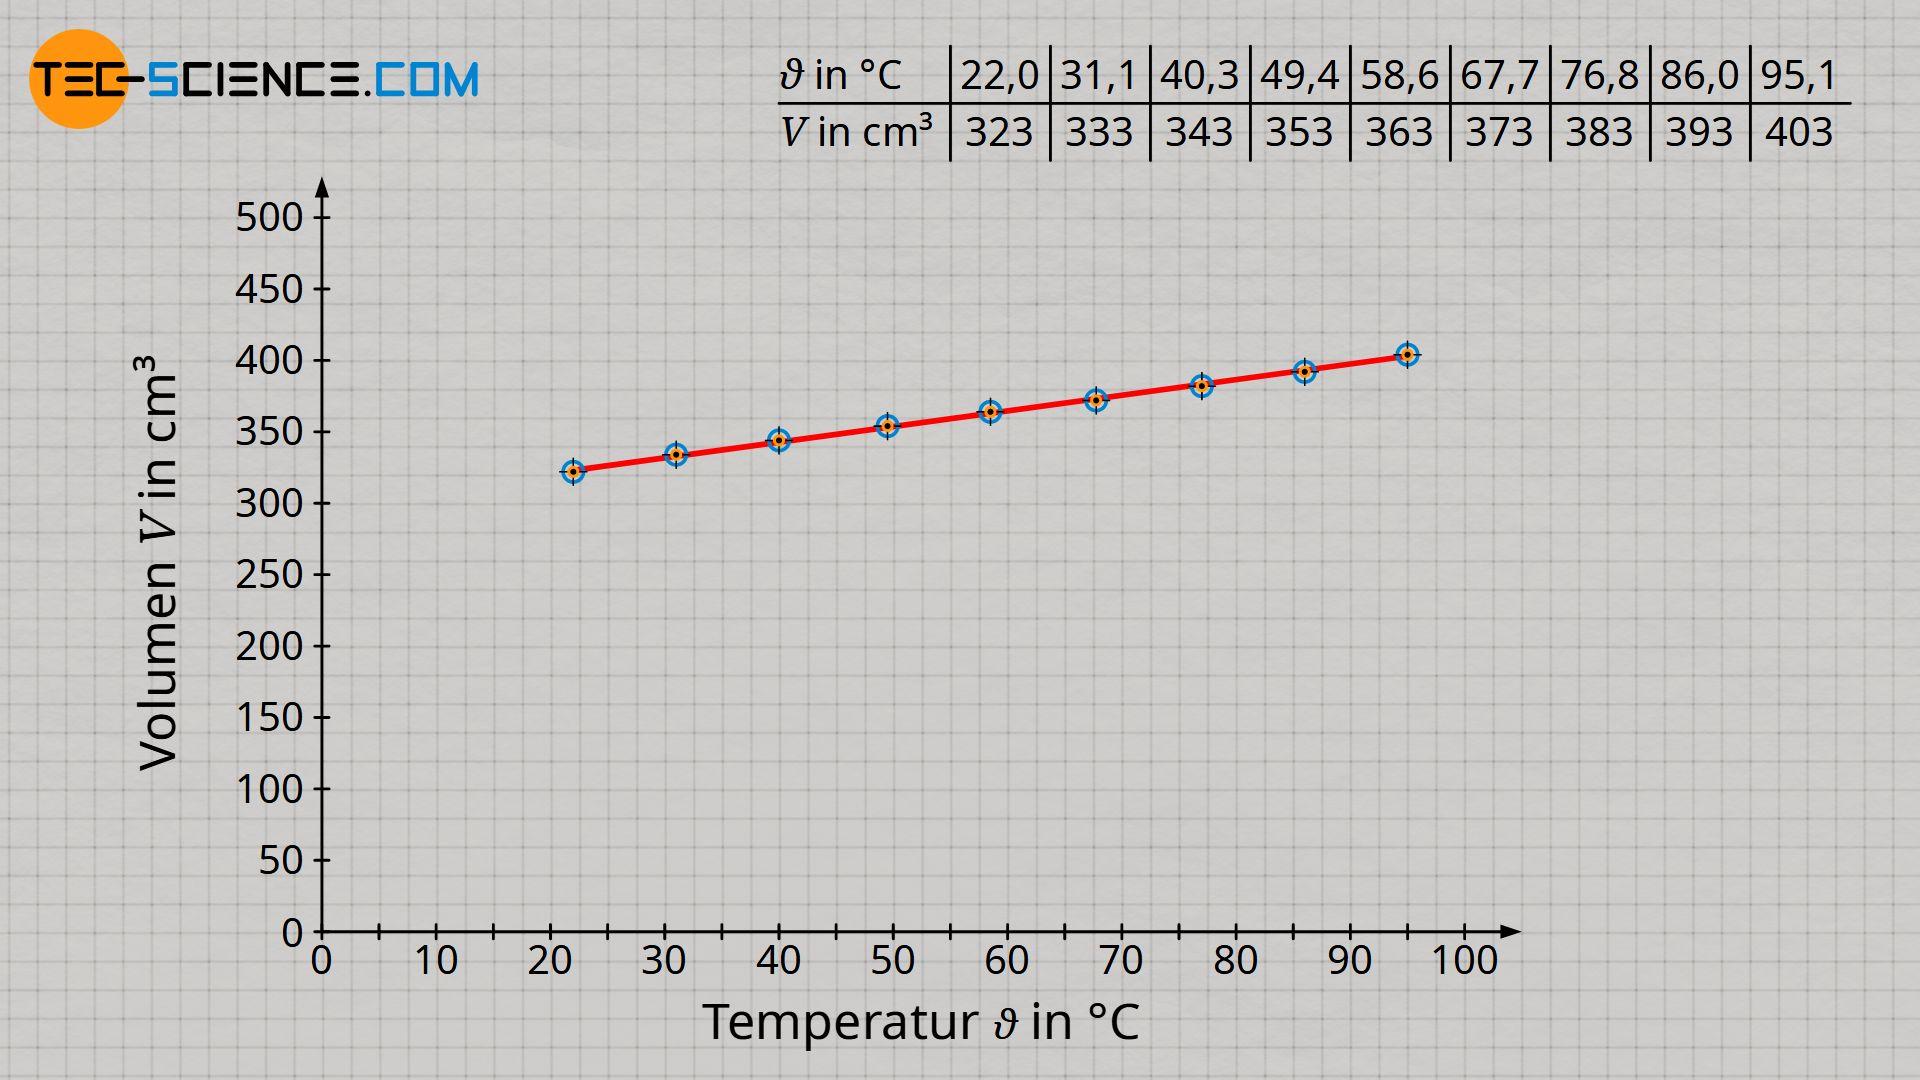 Zusammenhang zwischen Temperatur (in der Einheit Grad Celsius) und Volumen bei konstantem Druck